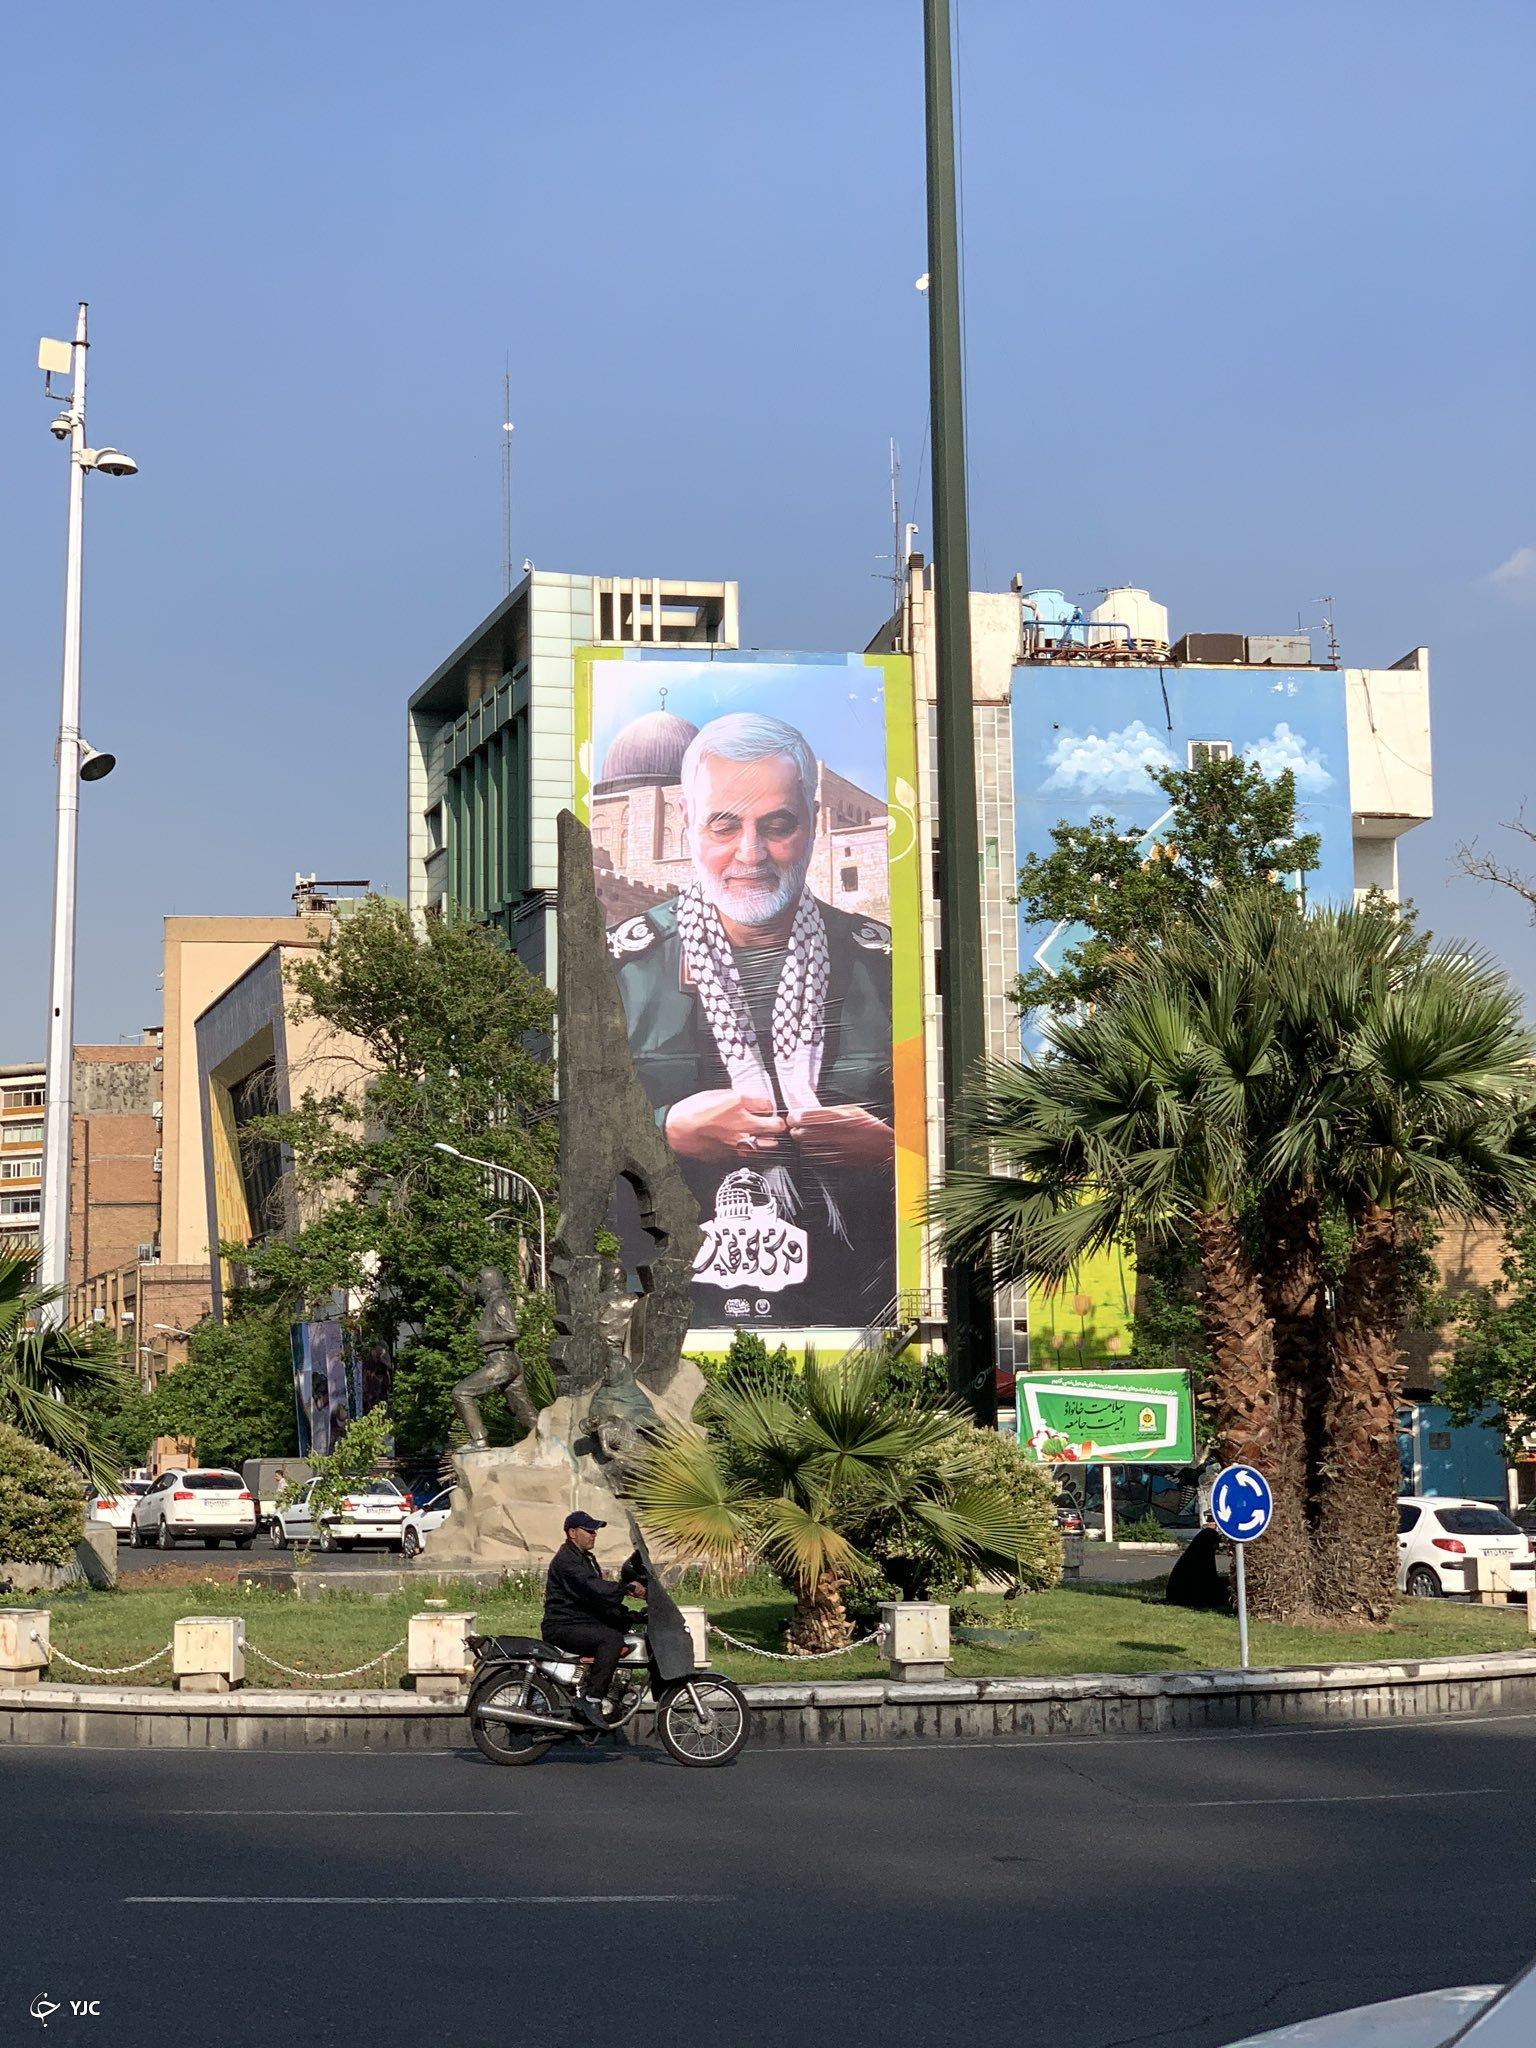 حاج قاسم در فلسطین + تصویر